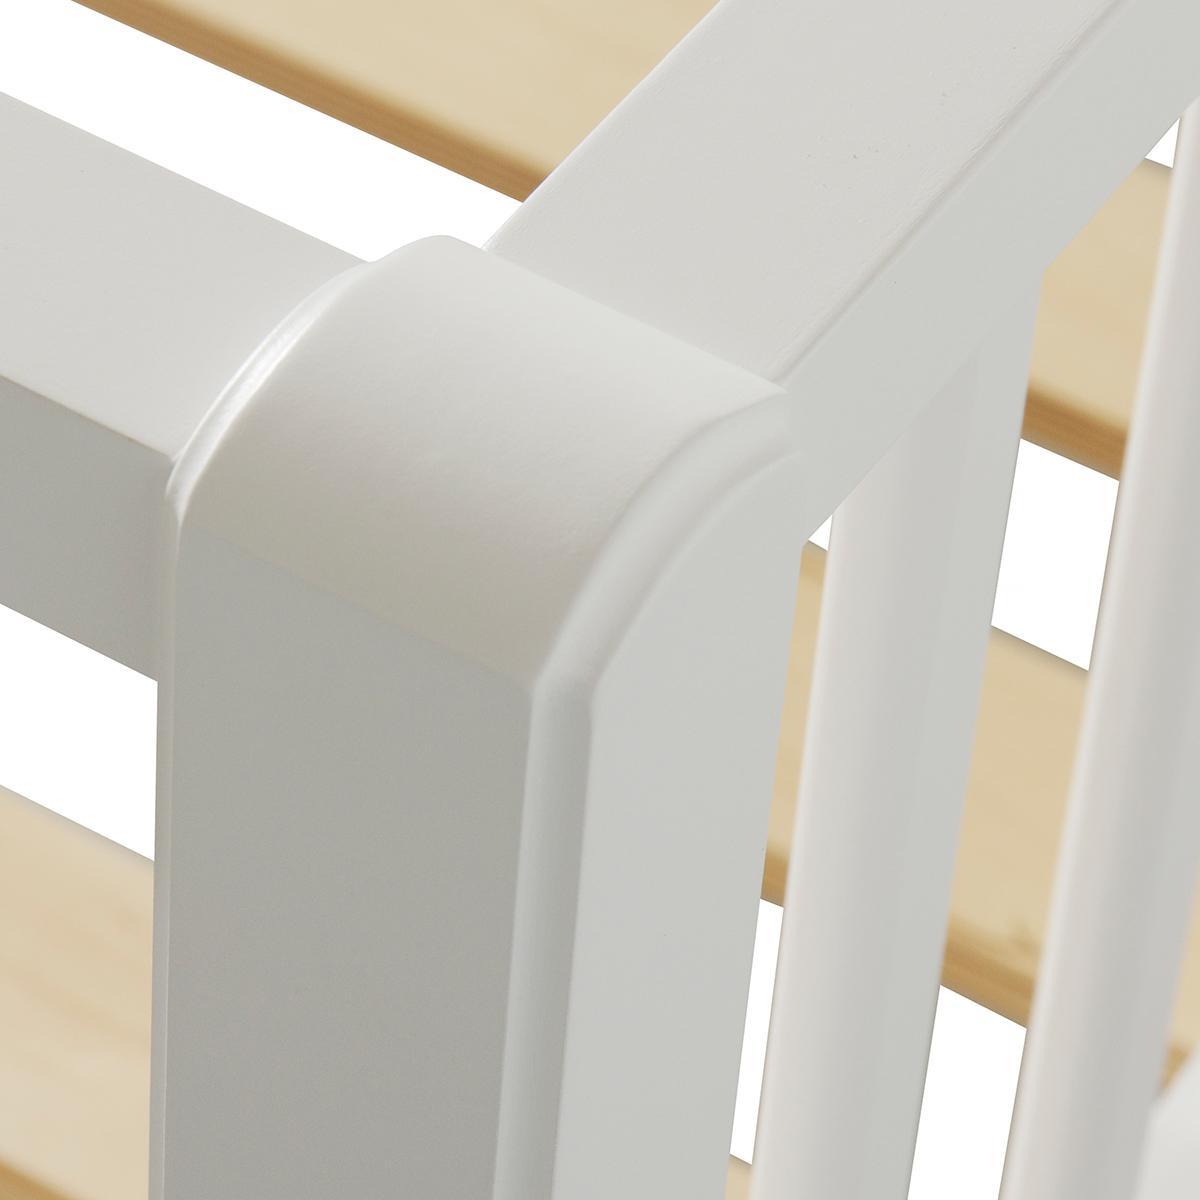 Lit banquette 90x200 cm SEASIDE Oliver Furniture blanc